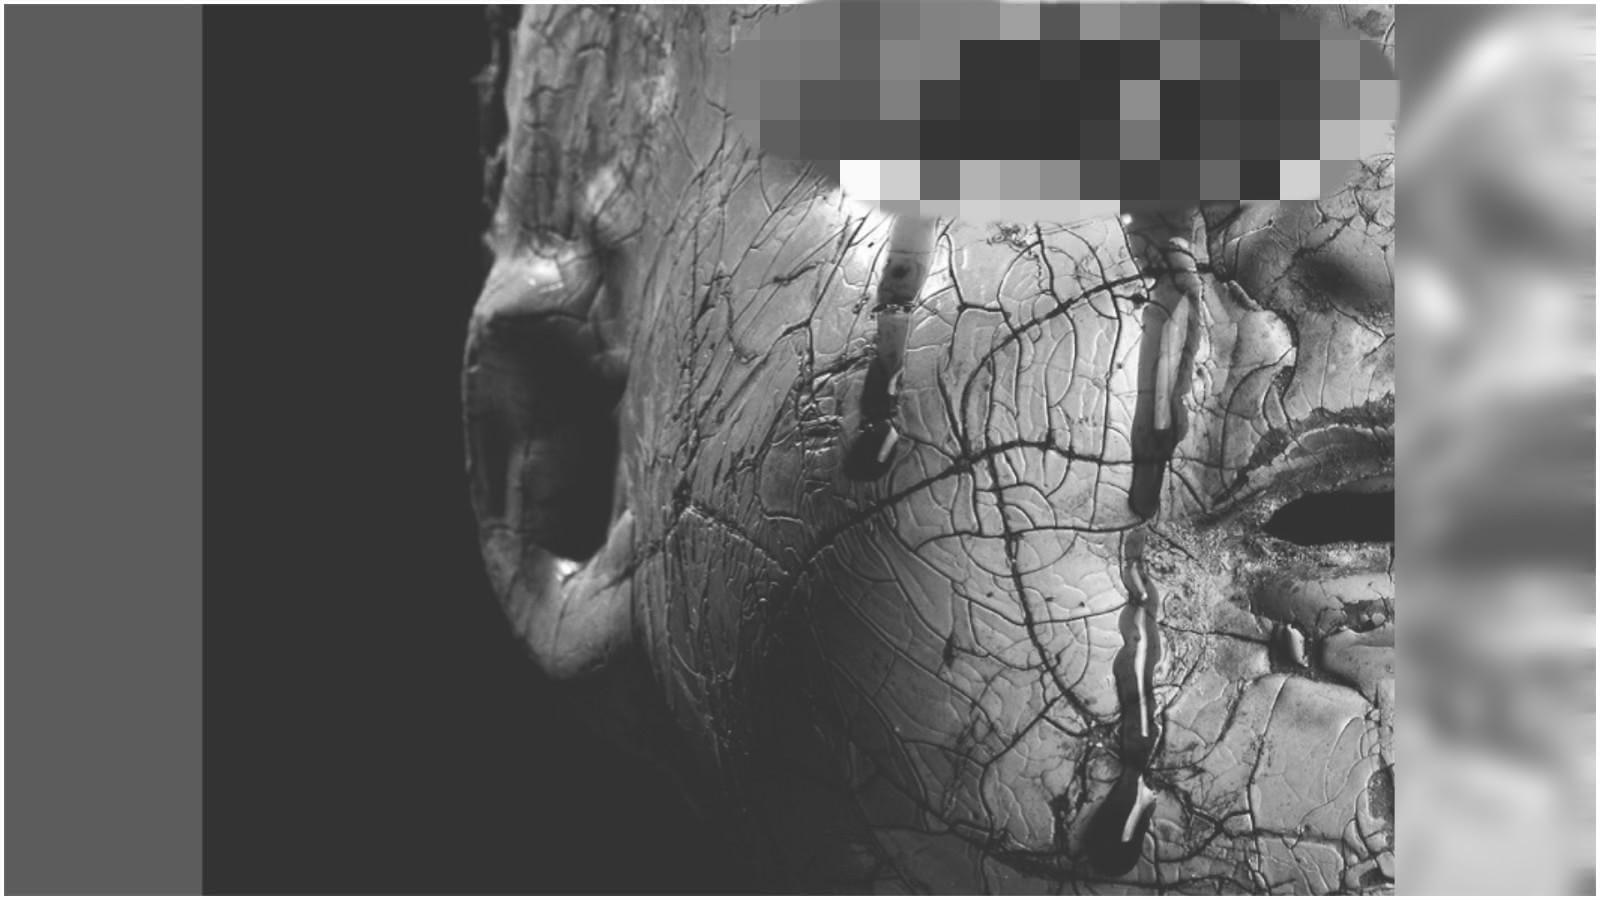 示意圖/TVBS資料照 和妻吵架…男拿10月大外甥出氣 「從頭頂倒硫酸」慘死